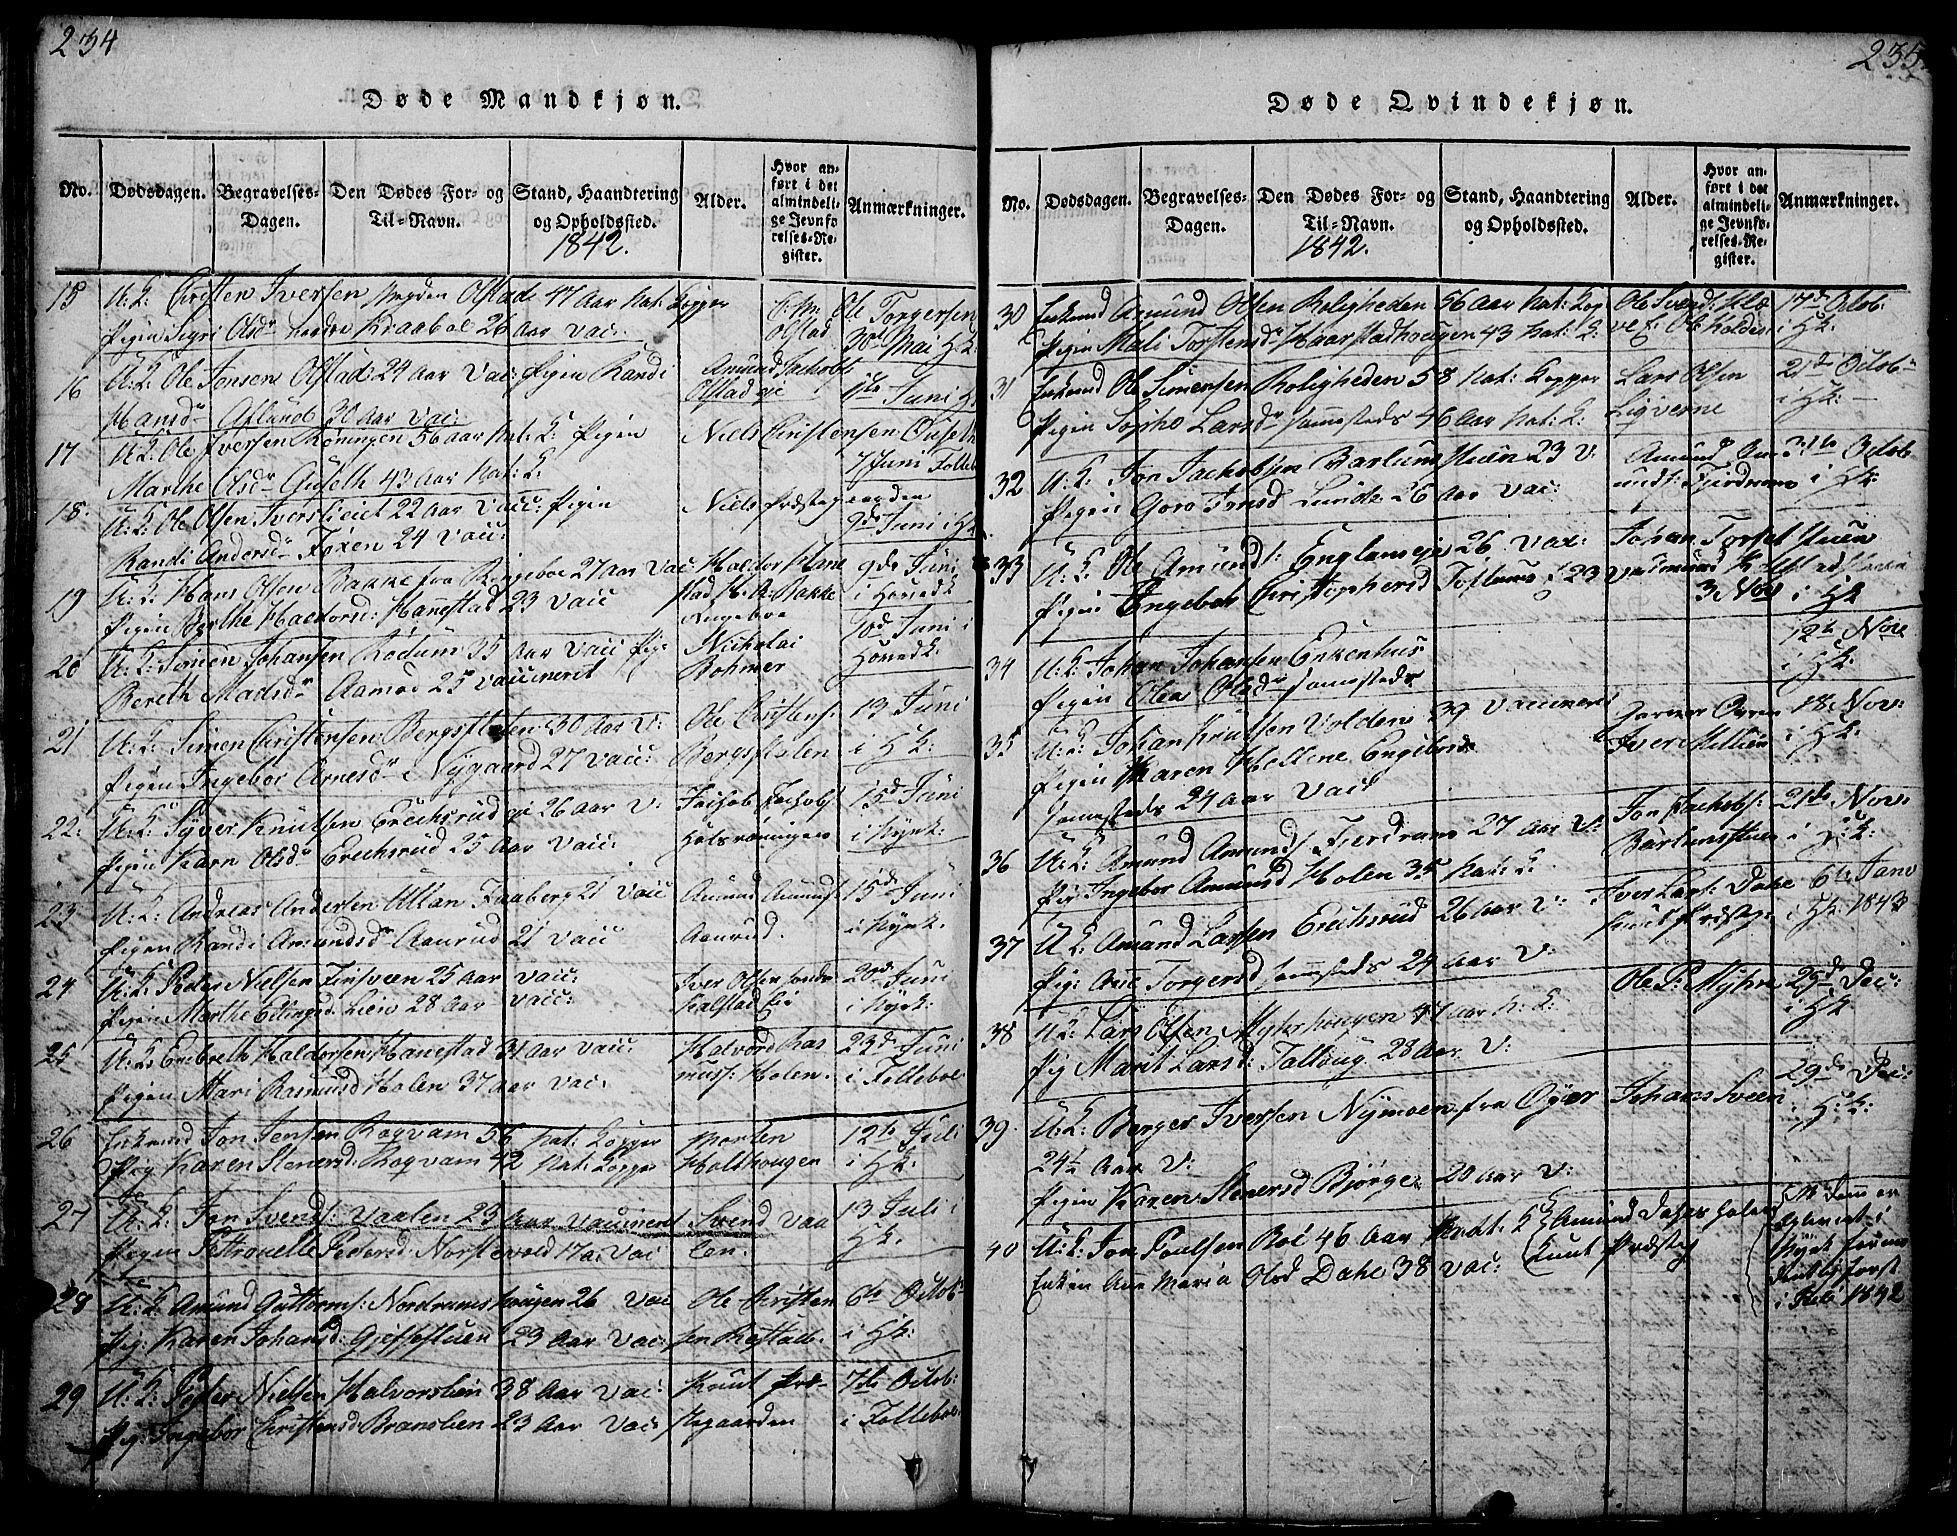 SAH, Gausdal prestekontor, Klokkerbok nr. 1, 1817-1848, s. 234-235